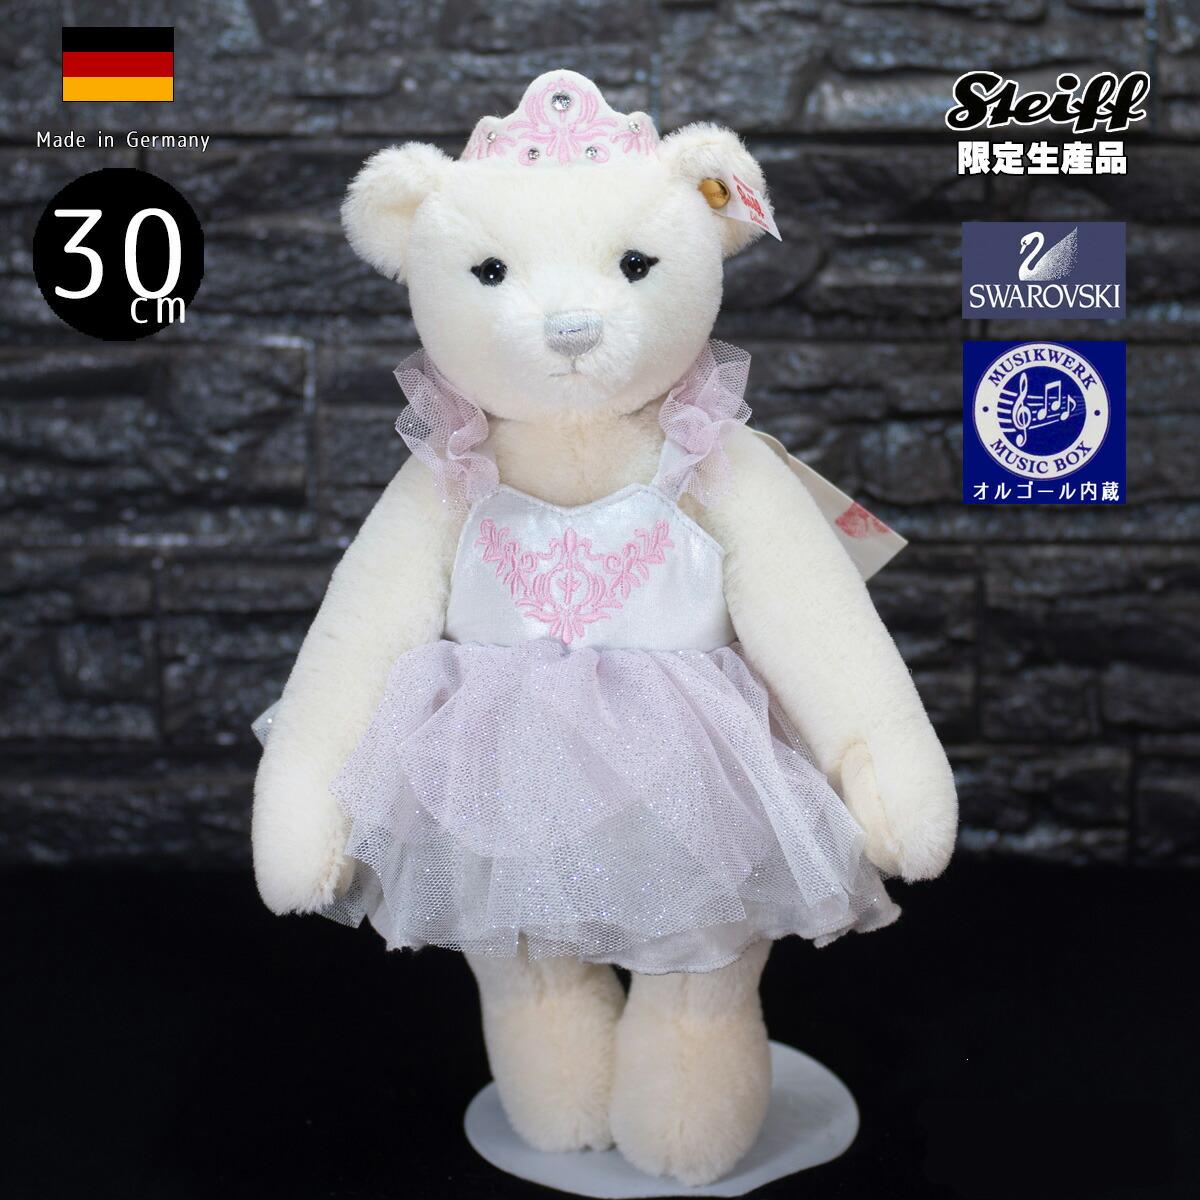 シュタイフ テディベア Steiff 世界限定シュガープラムフェアリー テディベア(くるみ割り人形 金平糖の精) 30cm ean006869 Sugar Plum Fairy Teddy bear